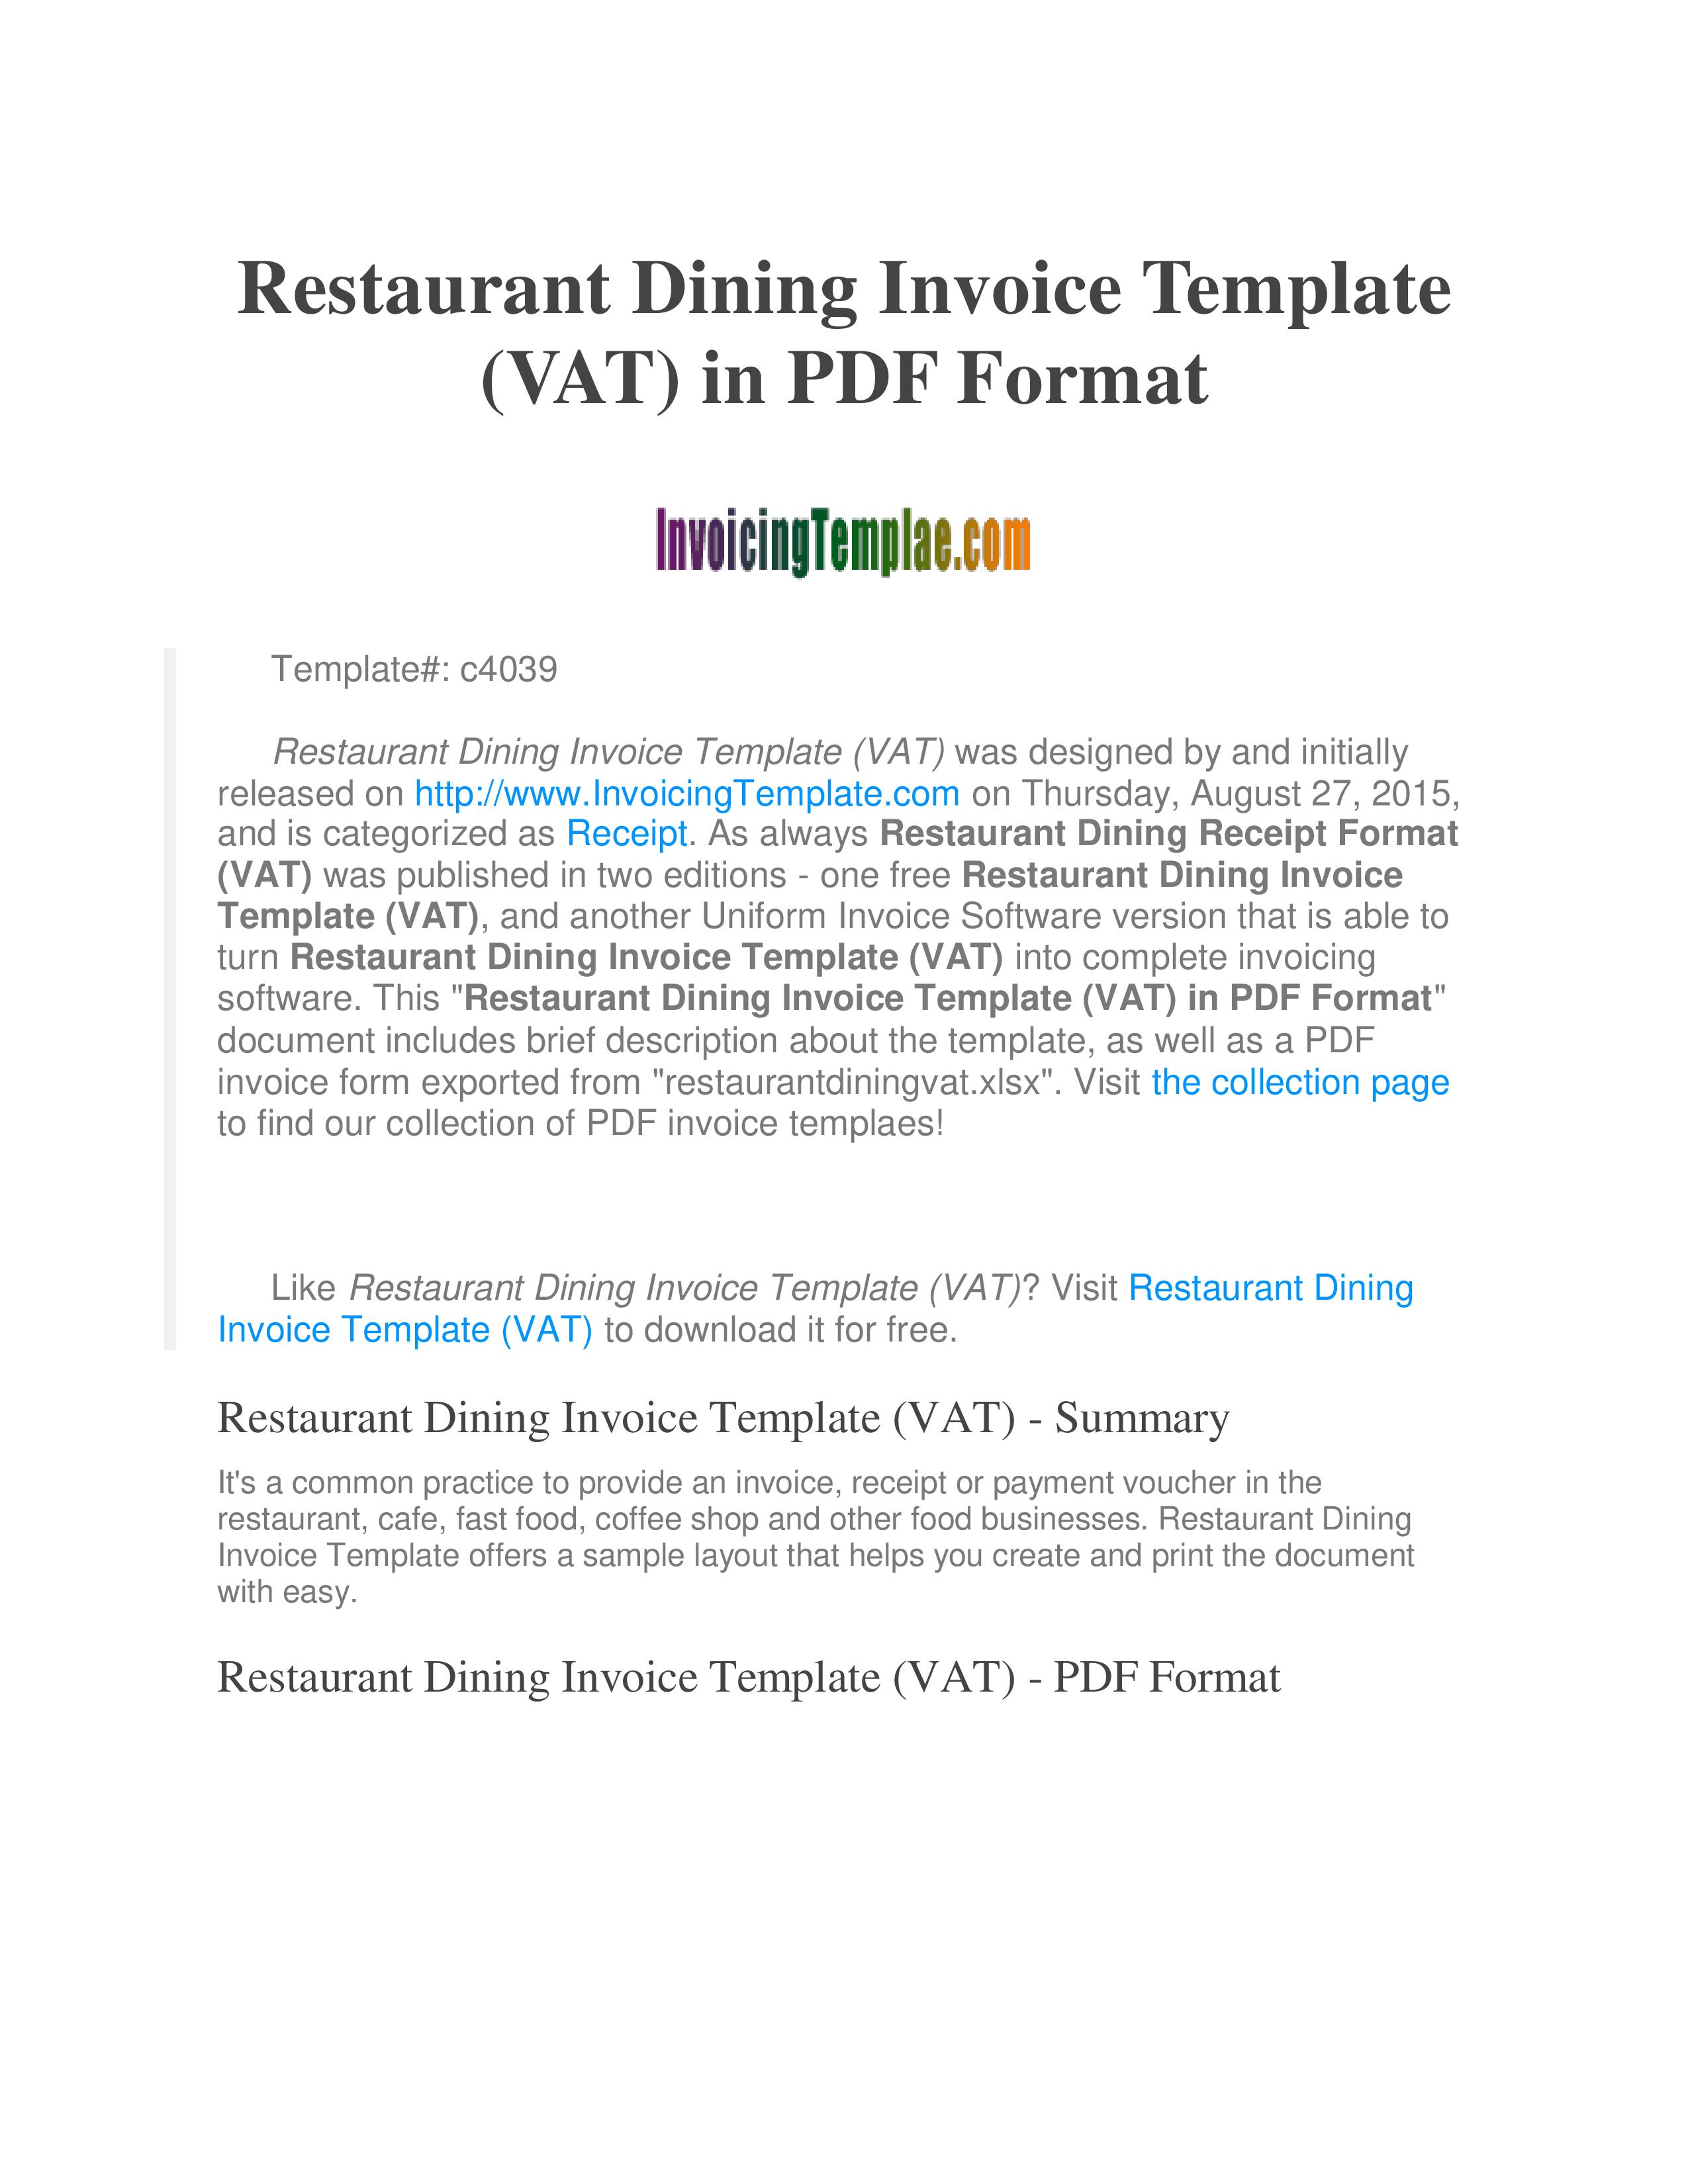 Restaurant Dining Invoice Templates At Allbusinesstemplates Com